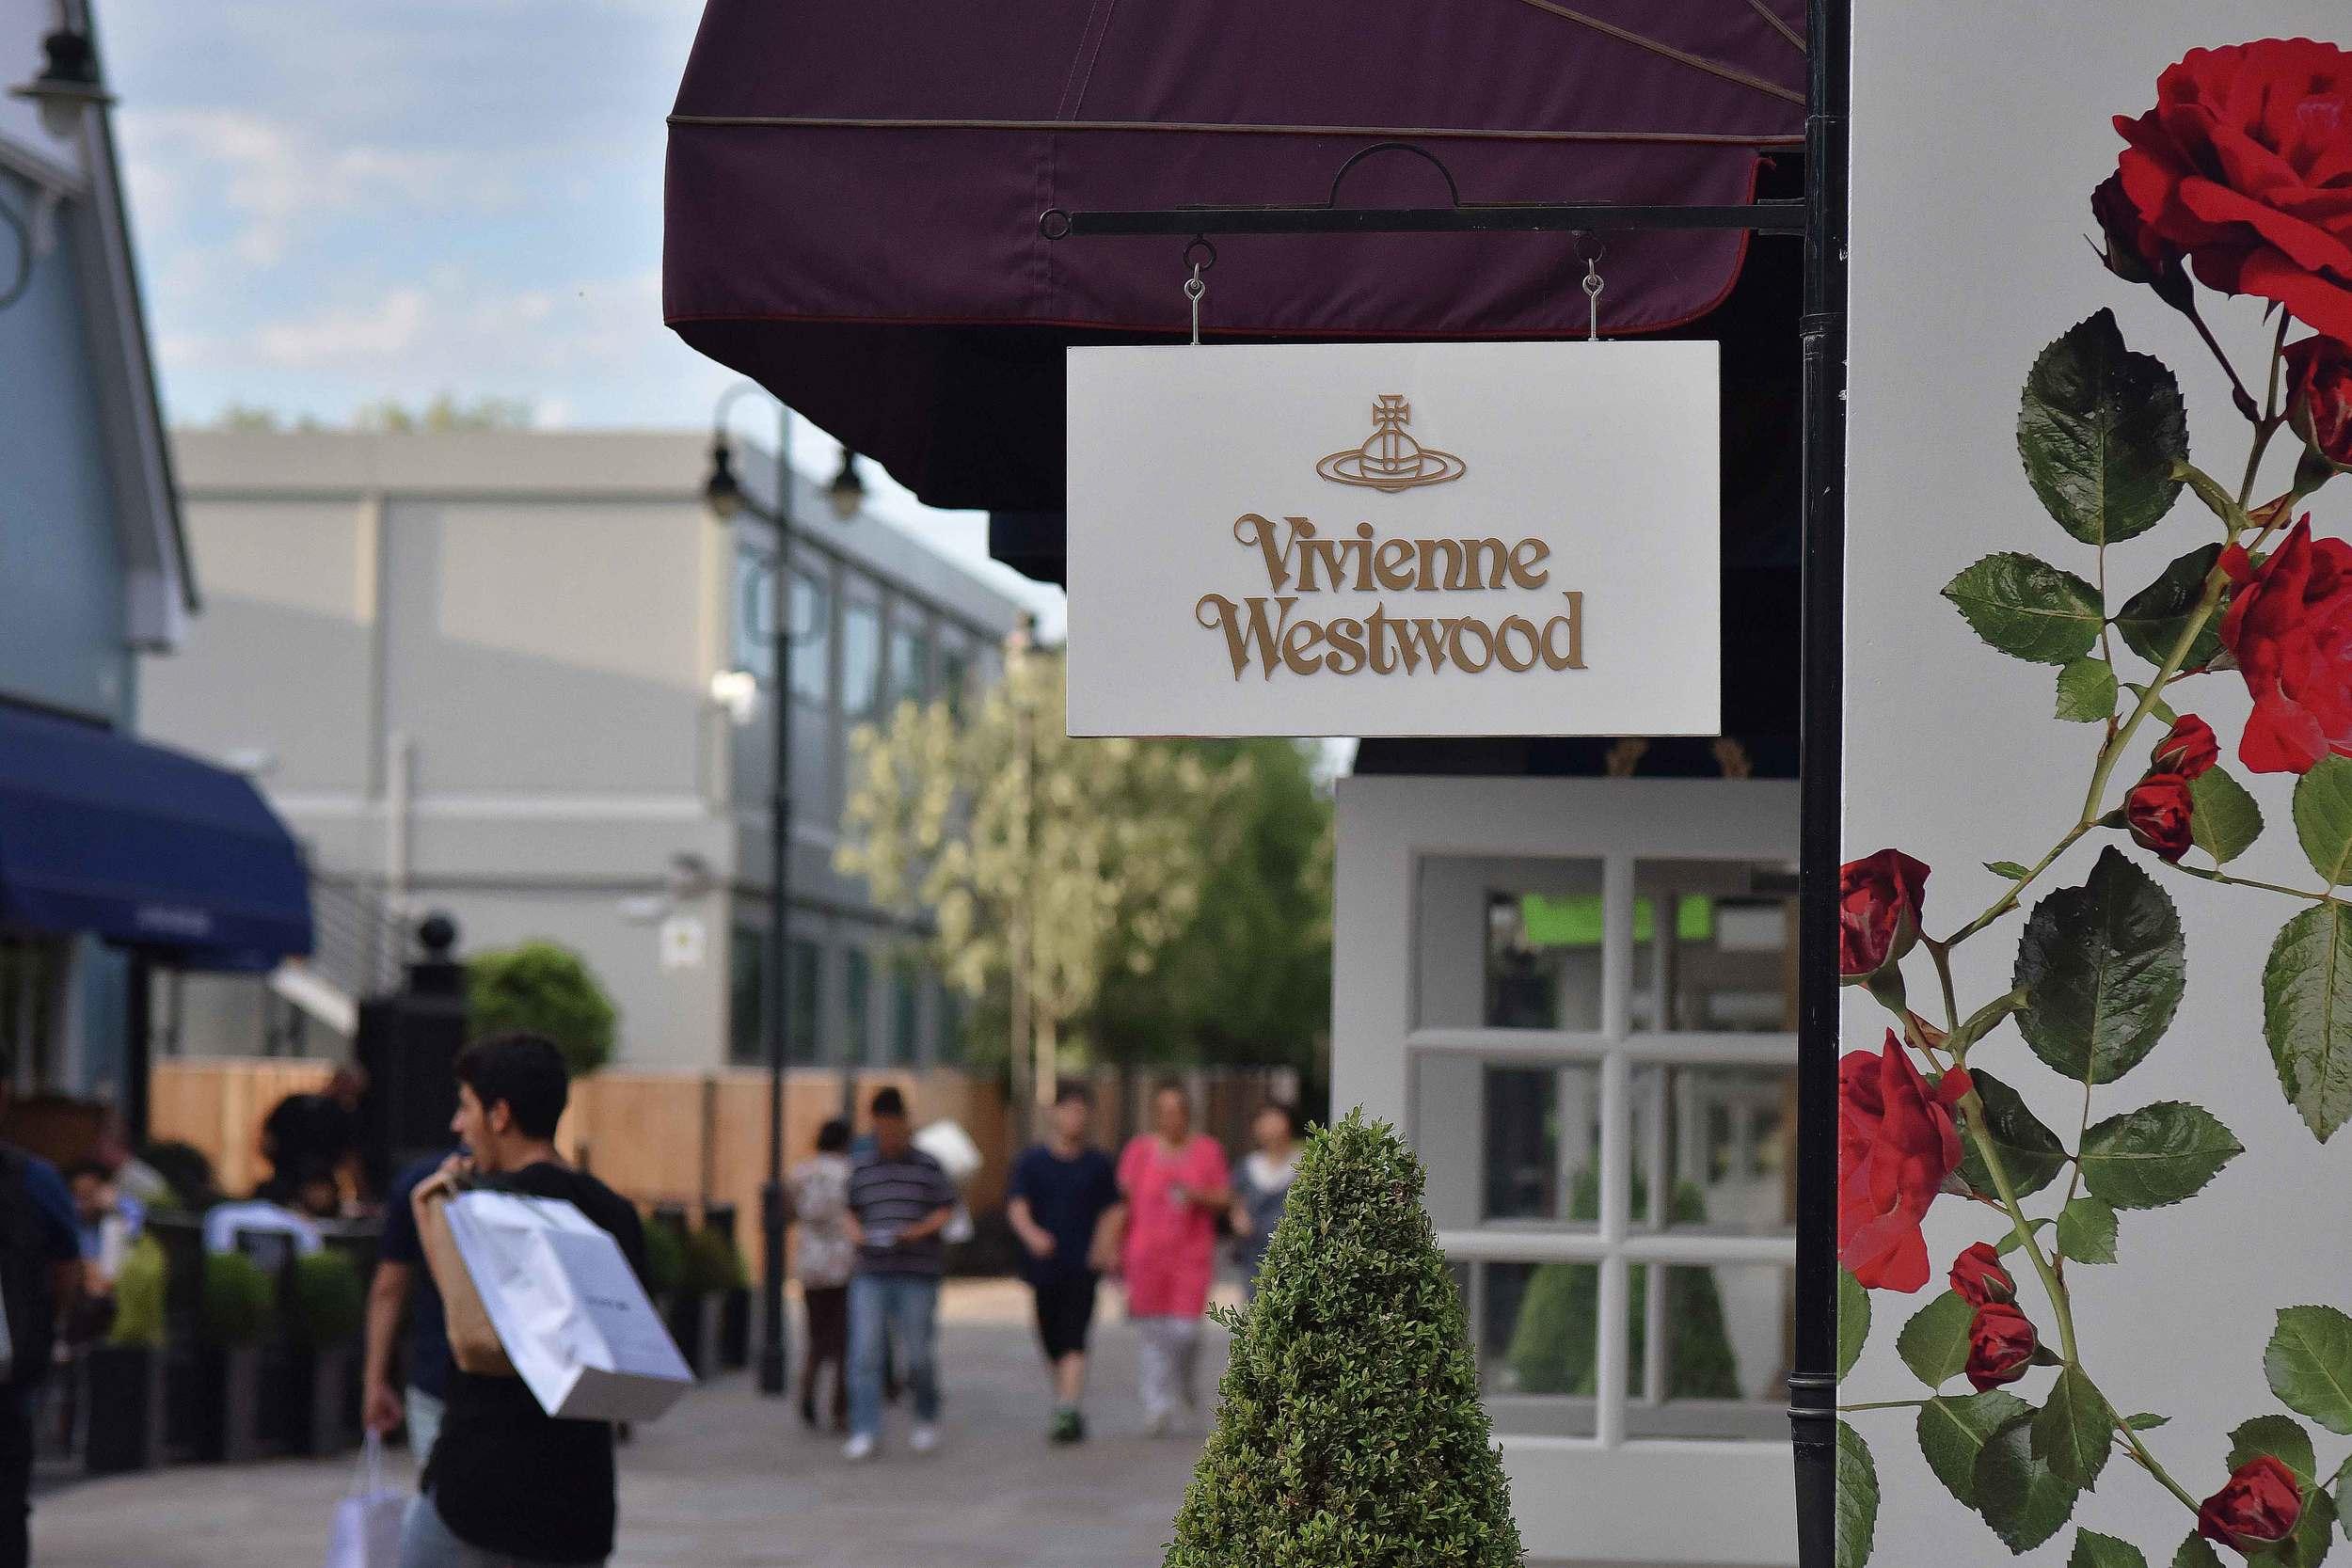 Vivienne Westwood, Bicester village, designer shopping outlet near London, UK. Image©sourcingstyle.com